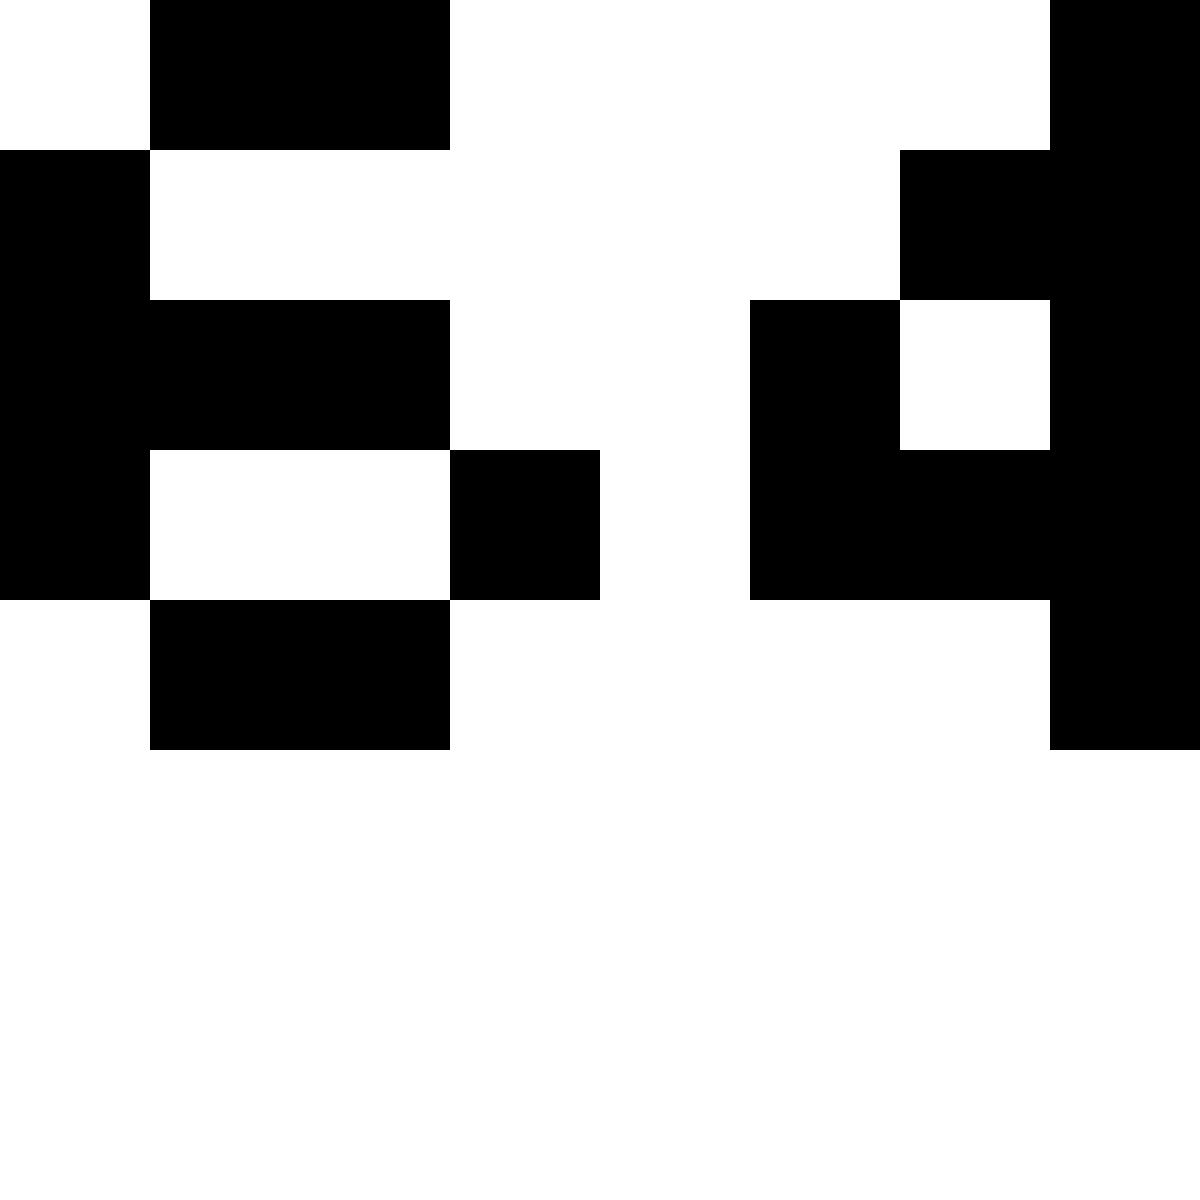 8x8 by BubblegumgurL2